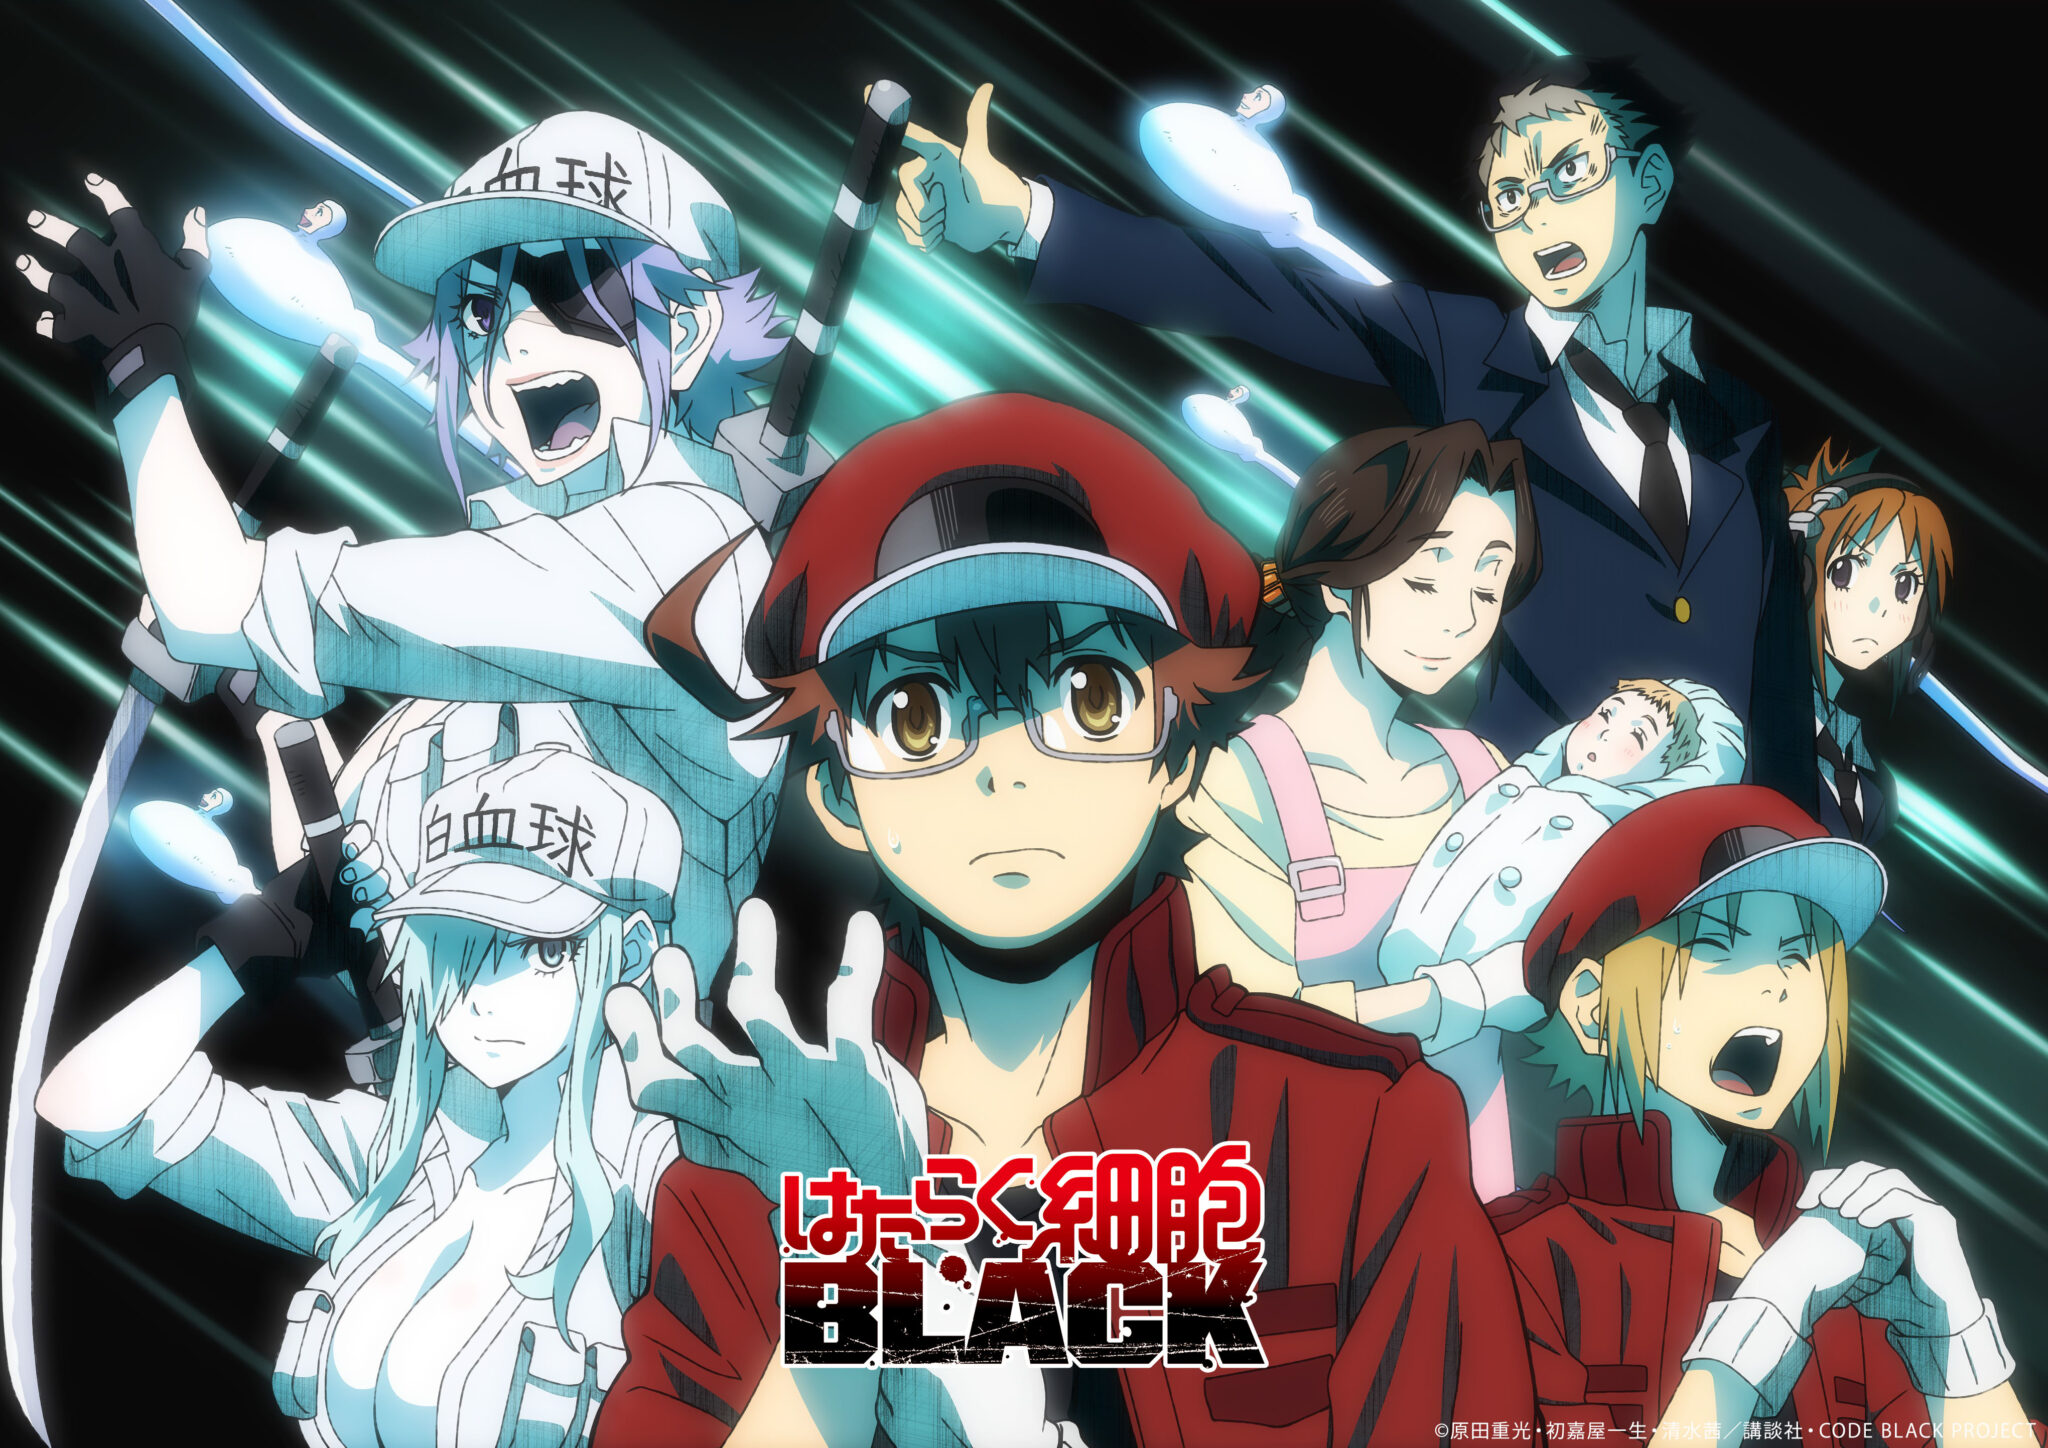 über Einstündiges Anime-Special